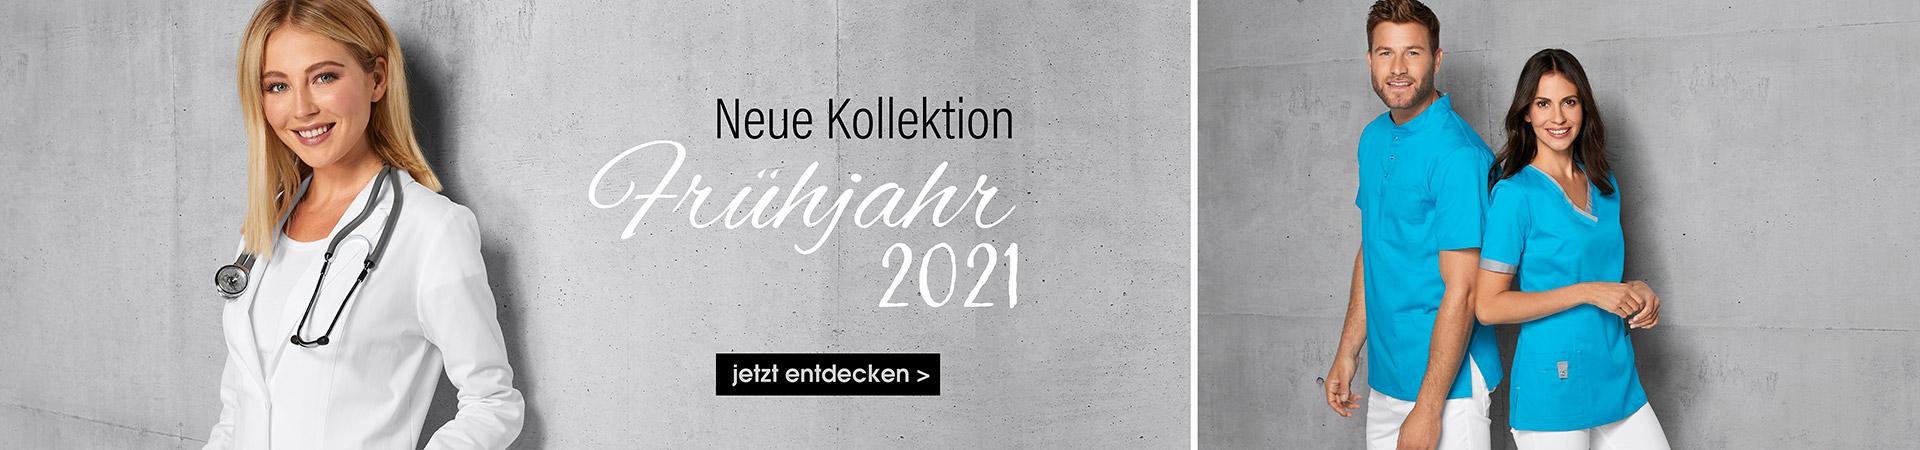 Neue Kollektion Frühjahr 2021